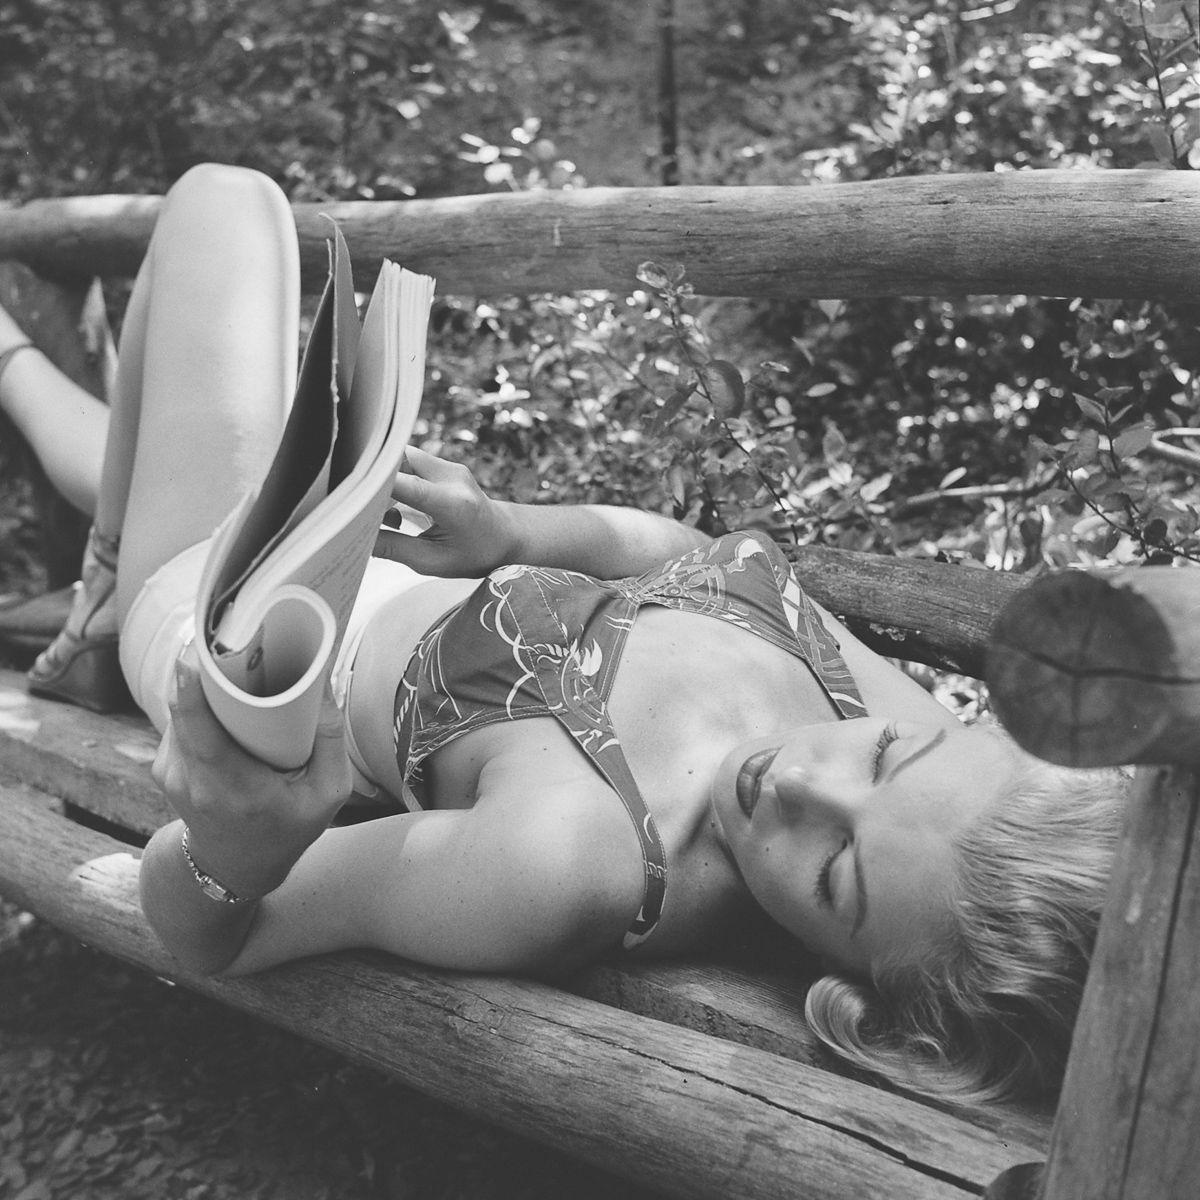 Fotos raras de Marilyn Monroe caminhando no bosque antes de ser famosa 08